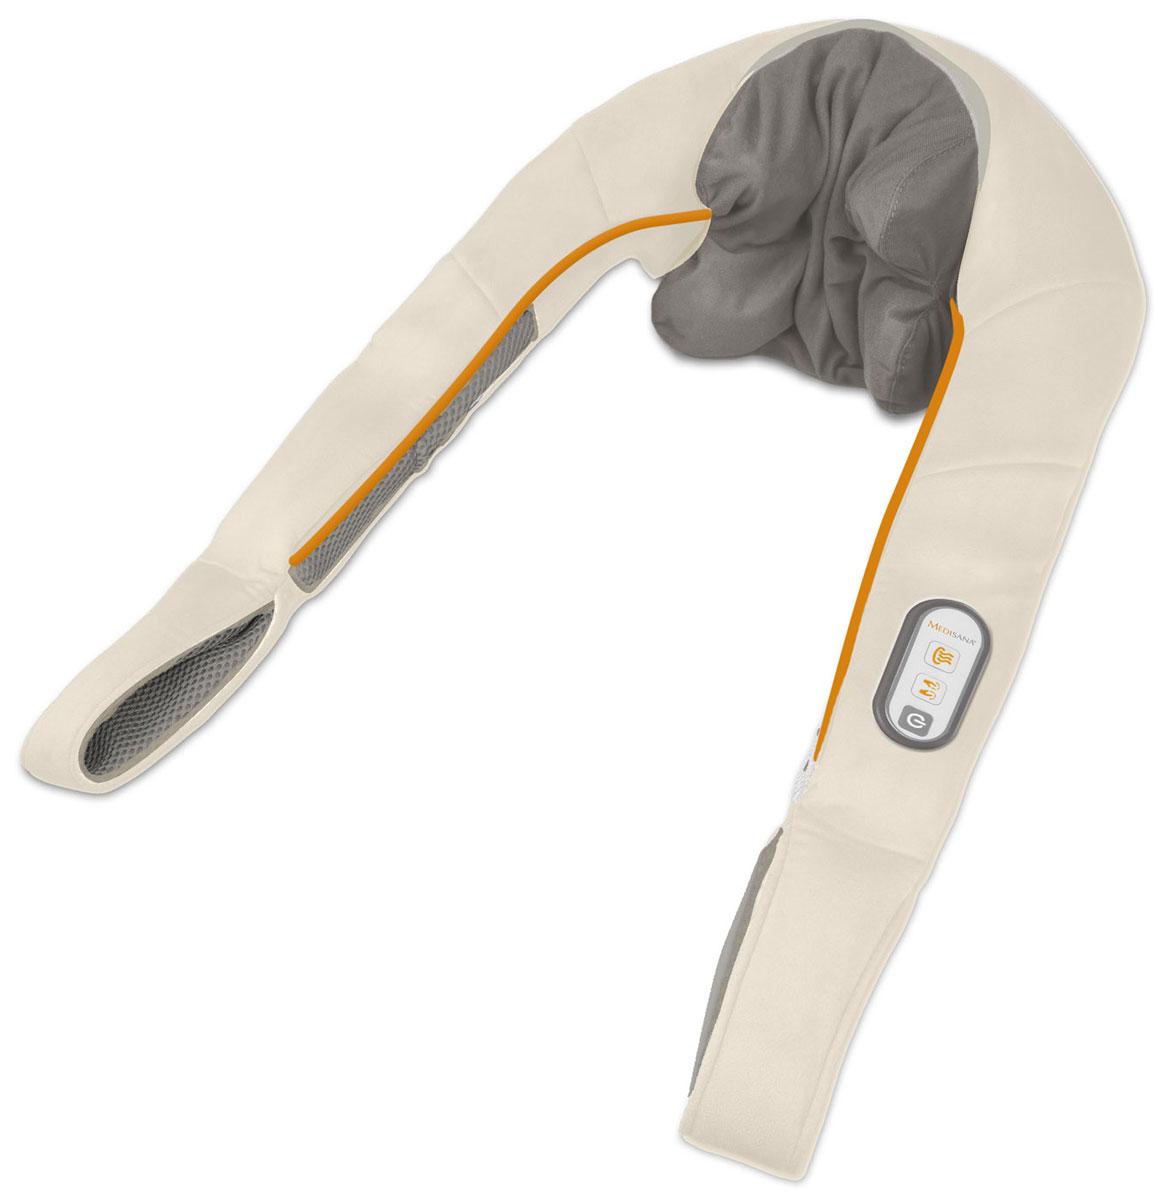 Medisana Массажёр для шеи и плеч, серия NM 86000000706Массажер для шеи и плеч Medisana NM 860 предназначен для массажа области шеи, затылка и плеч. Он является отличным физиотерапевтическим средством, позволяющим проводить полноценные массажные процедуры в домашних условиях. Ввиду определенных антропологических особенностей, шейный участок довольно часто подвергается чрезмерным нагрузкам, приводящим к различным осложнениям. Причиной таких нарушений может служить неправильная осанка или регулярное и длительное нахождение в неудобной сидячей позе. Благодаря удобной конструкции Medisana NM 860, сеансы массажа шеи можно проводить самостоятельно и без посторонней помощи. Массажер Medisana NM 860 особенно эффективен как средство профилактики шейного остеохондроза, ревматизма и радикулита. Также, с его помощью можно успешно лечить такие невралгические нарушения как защемленный либо простуженный нерв в области шеи и верхней части спины. Главным преимуществом Medisana NM 860, при лечении невралгических заболеваний, является...